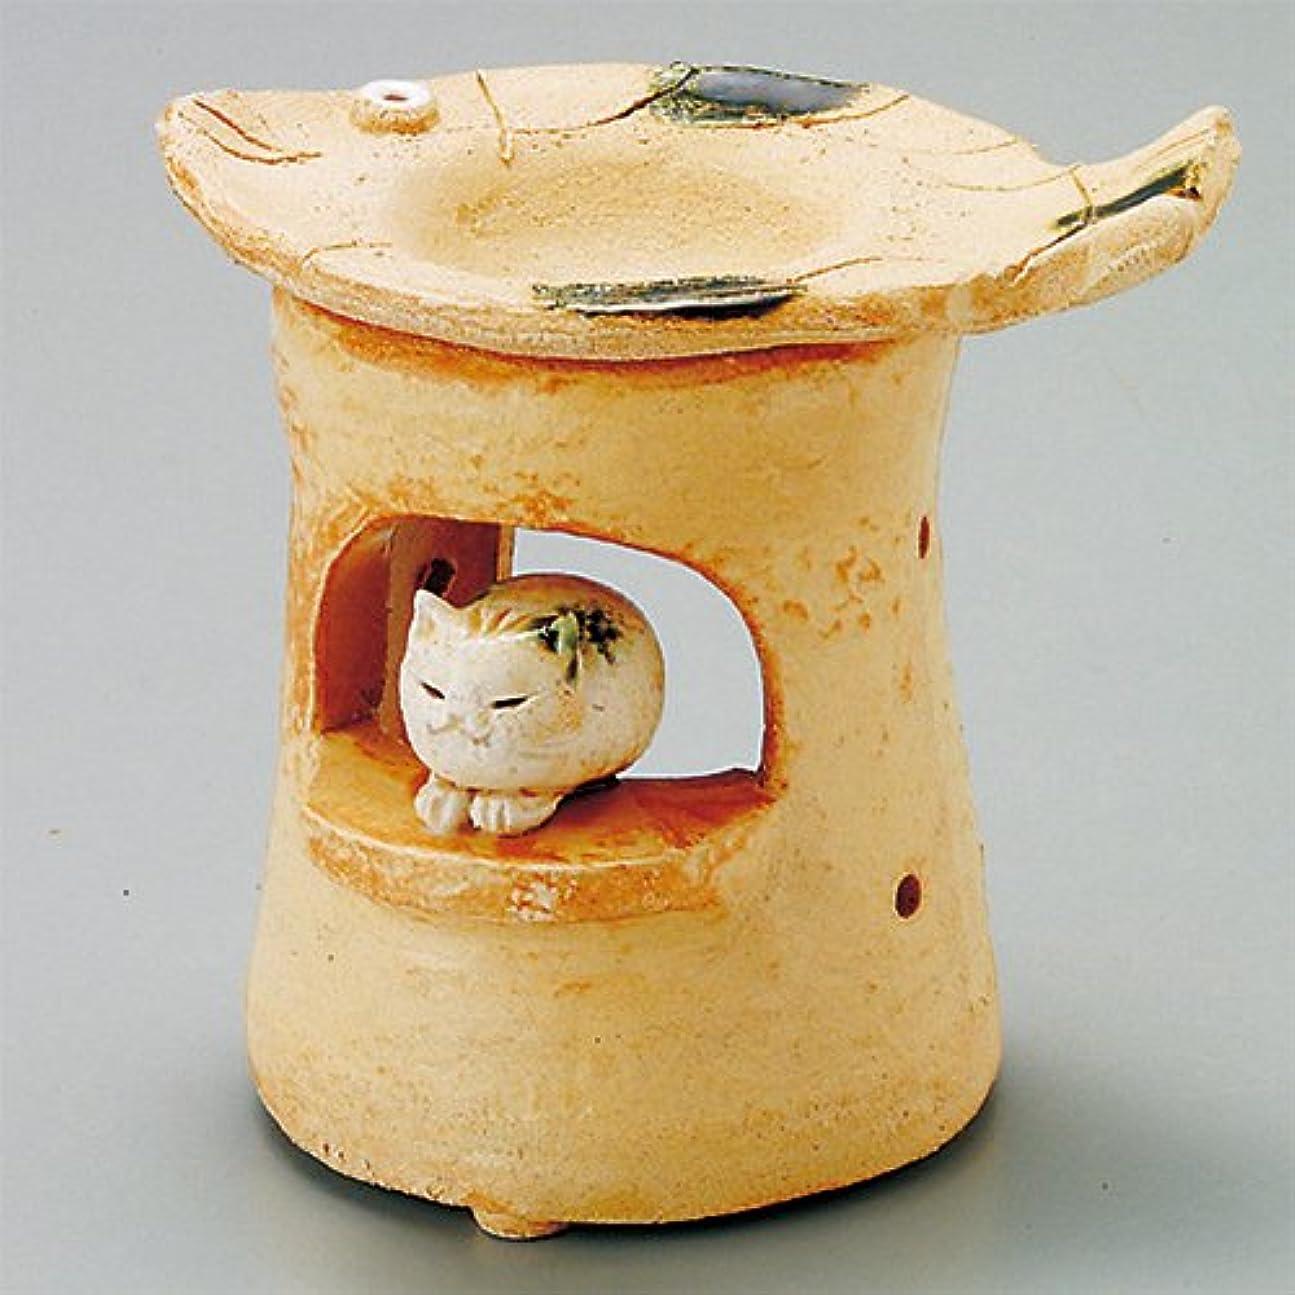 塗抹満足できる人口島ねこ 島ねこ 茶香炉 [12x8.5xH11.5cm] HANDMADE プレゼント ギフト 和食器 かわいい インテリア